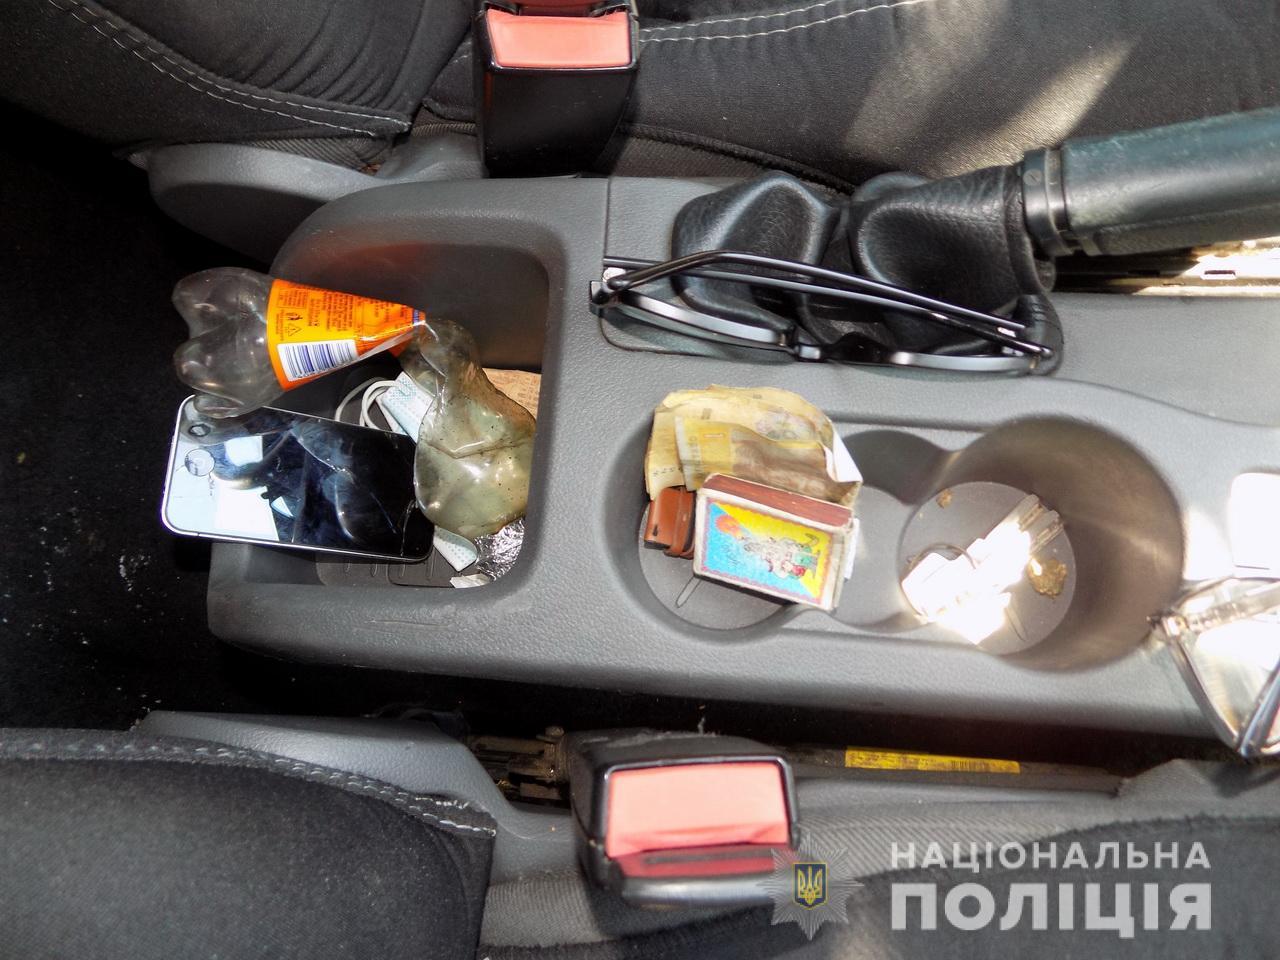 Днями під час патрулювання території міста Іршава інспектори групи реагування патрульної поліції зупинили автомобіль «Ford Focus».